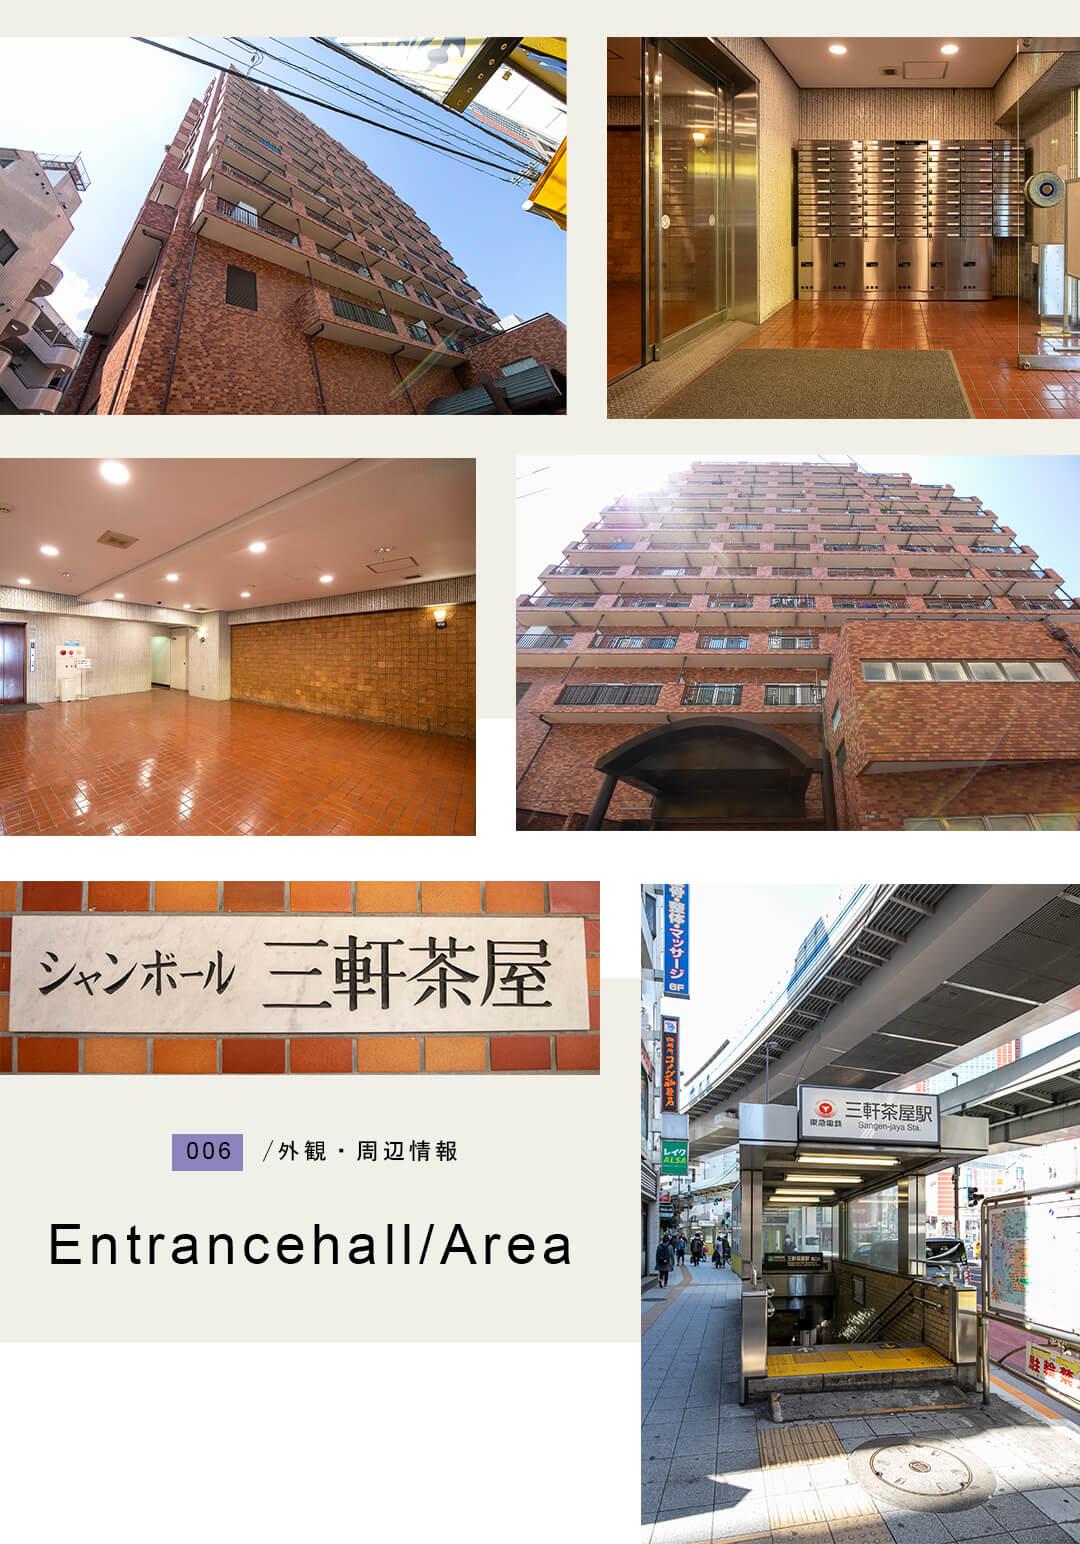 006周辺情報,外観,Area,Entrancehall